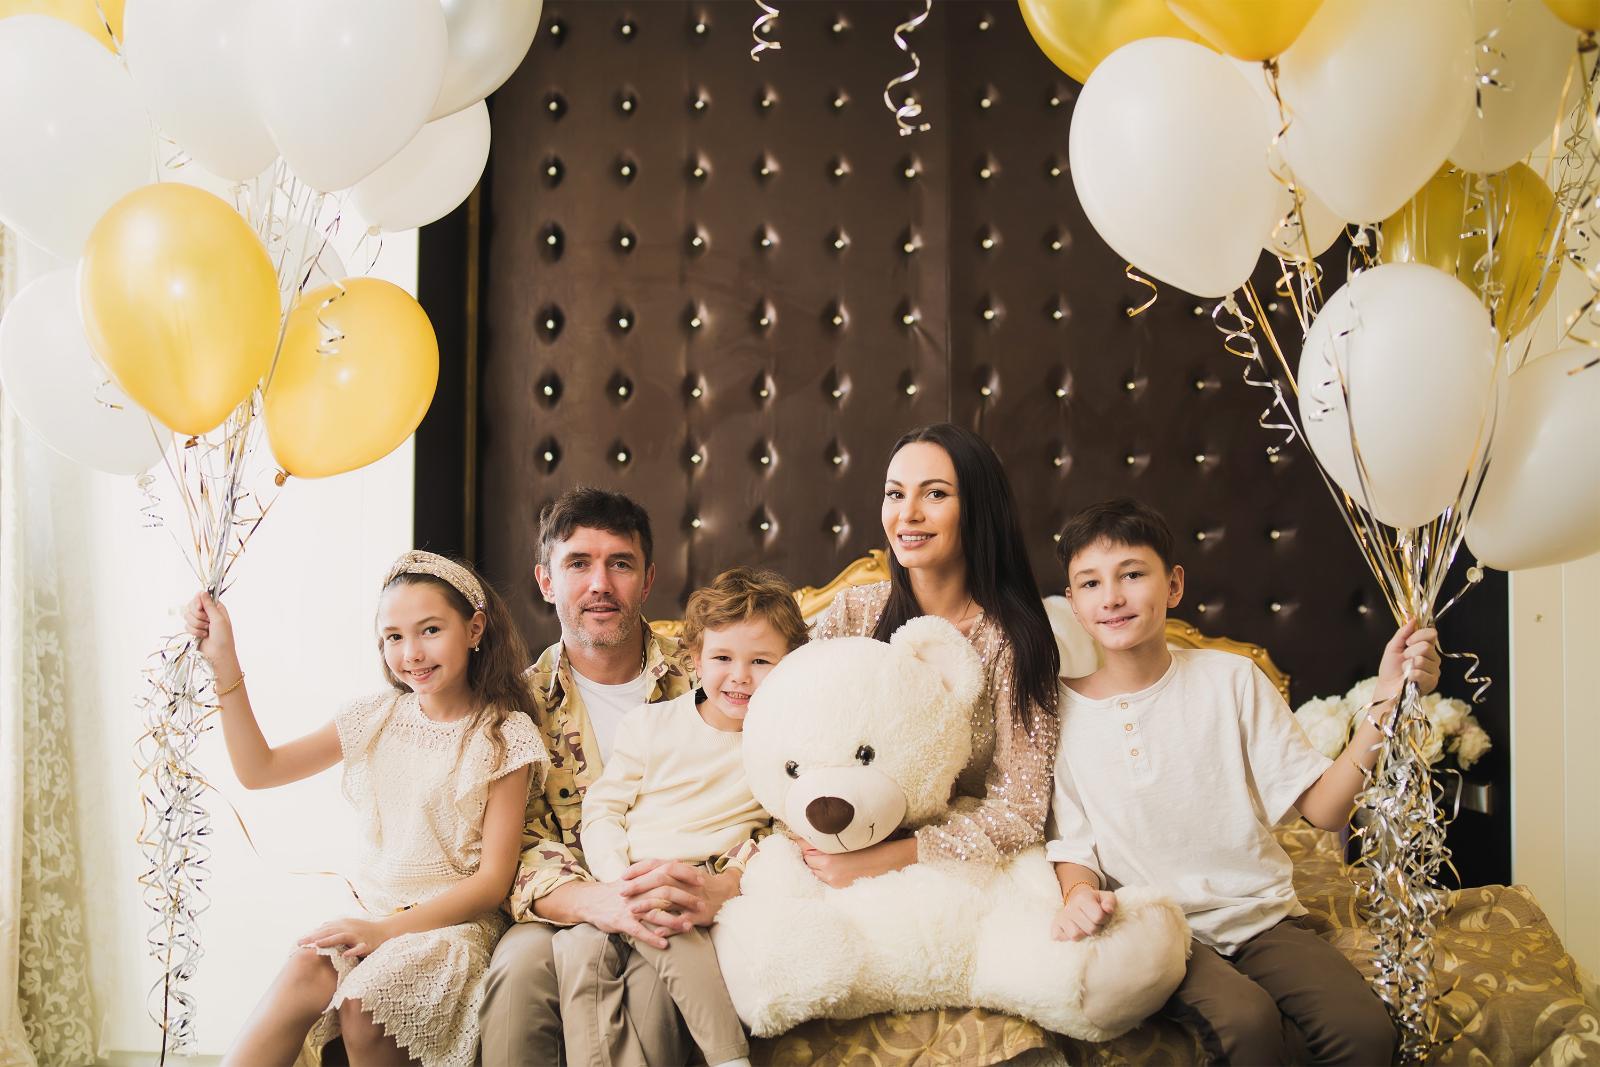 Инна Жиркова отметила день рождения на самоизоляции в кругу семьи: Именинница Жиркова получила поздравления из разных точек мира — от друзей из Америки, из Дубая, из Татарстана, из Махачкалы, Москвы,